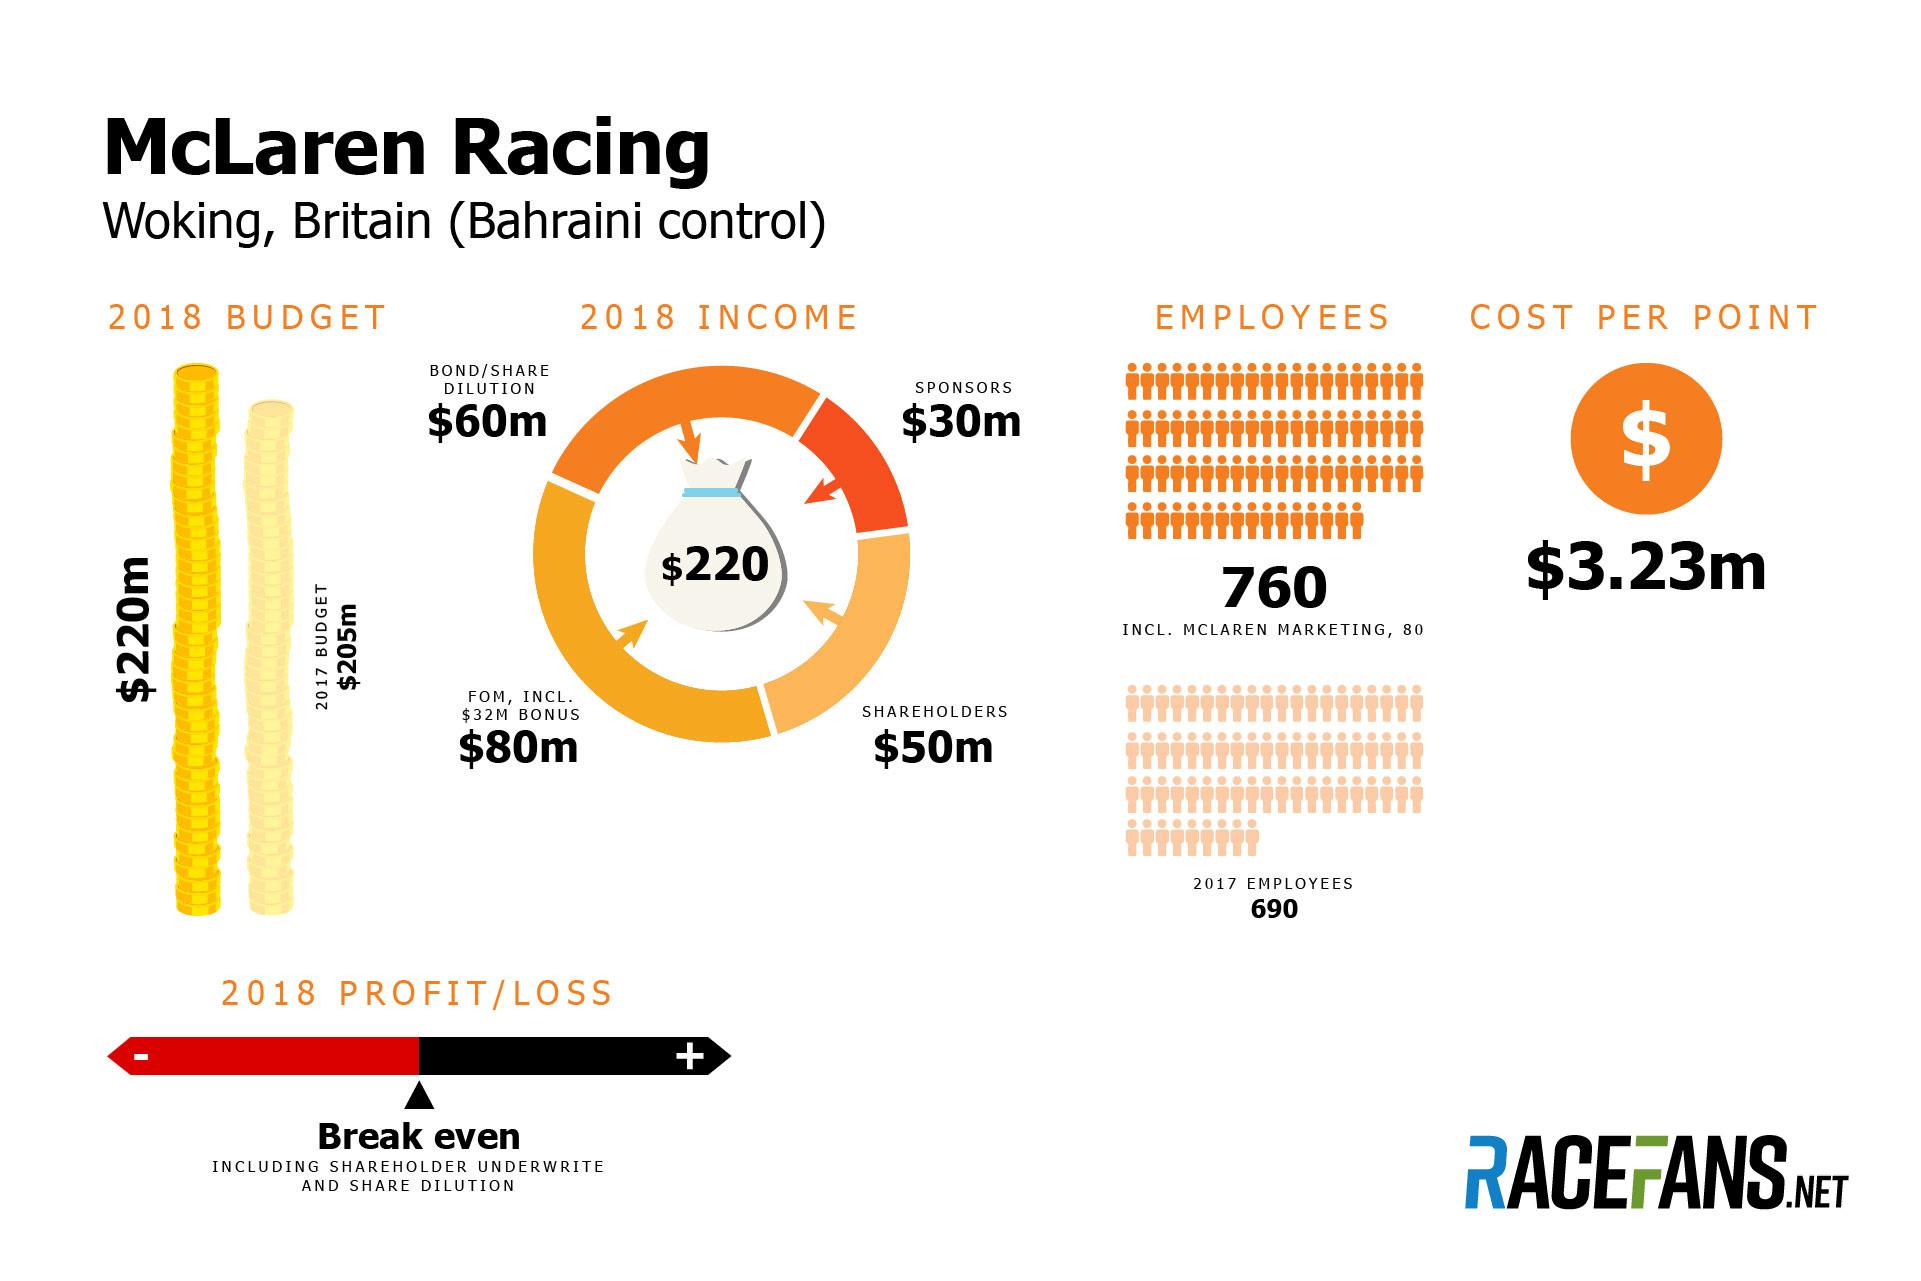 https://www.racefans.net/wp-content/uploads/2018/12/mclaren.jpg